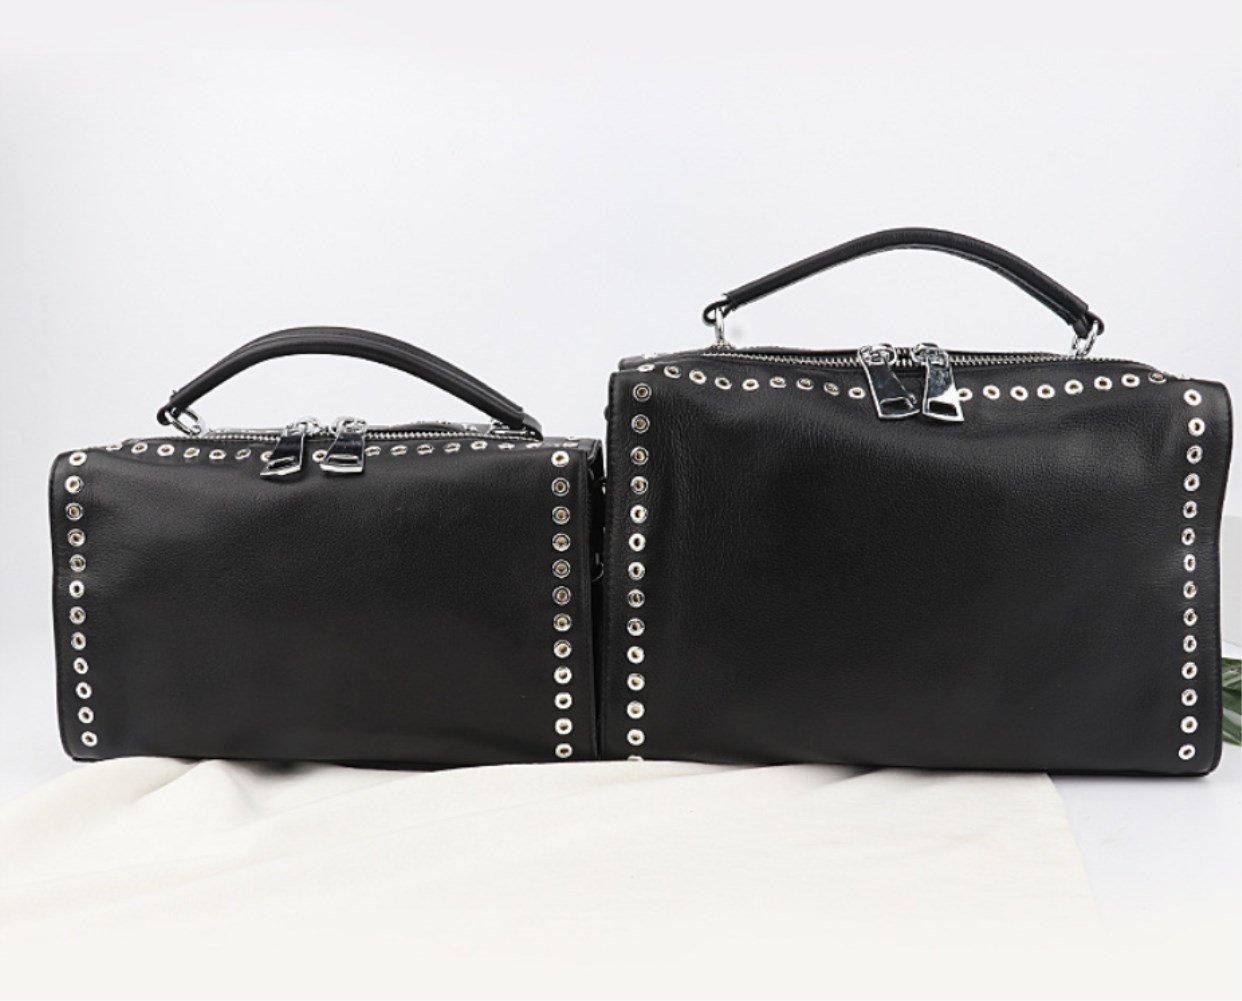 SHISHANG Frau Leder Handtasche 2018 Mode Schulter Tragbare Persönlichkeit Handtasche ZYXCC